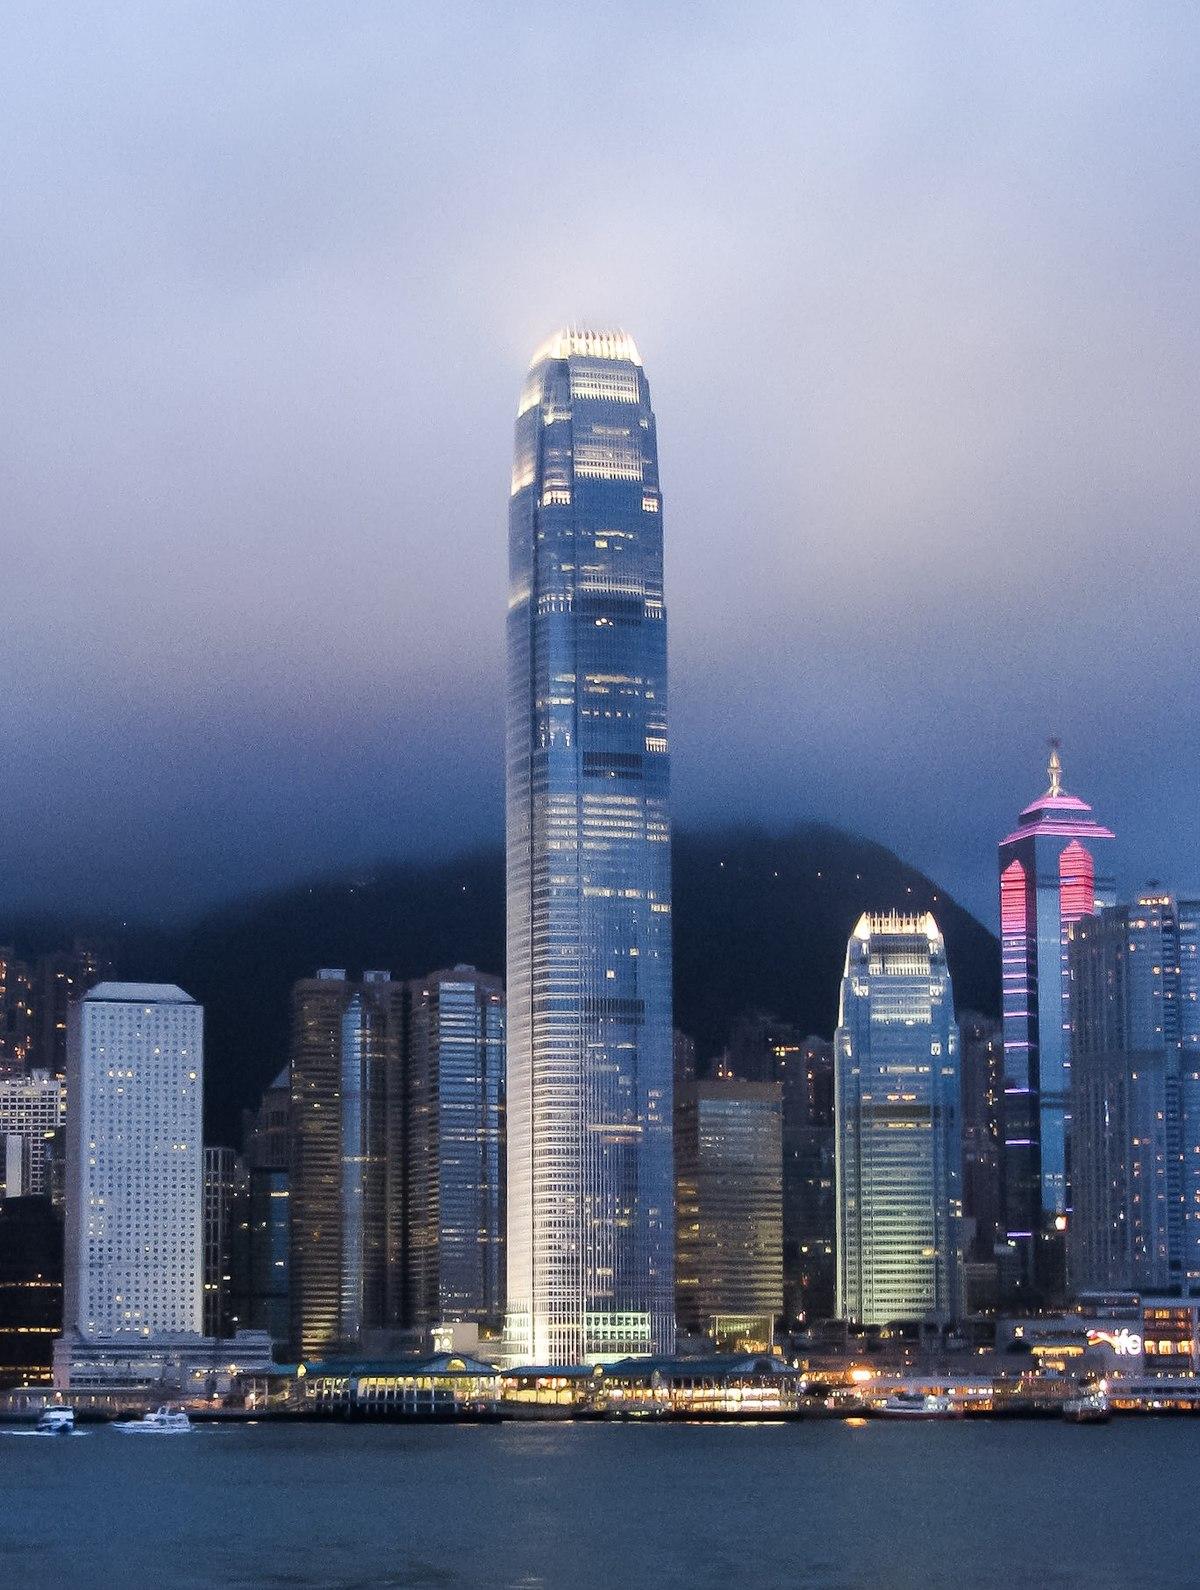 Hong Kong: International Finance Centre (Hong Kong)